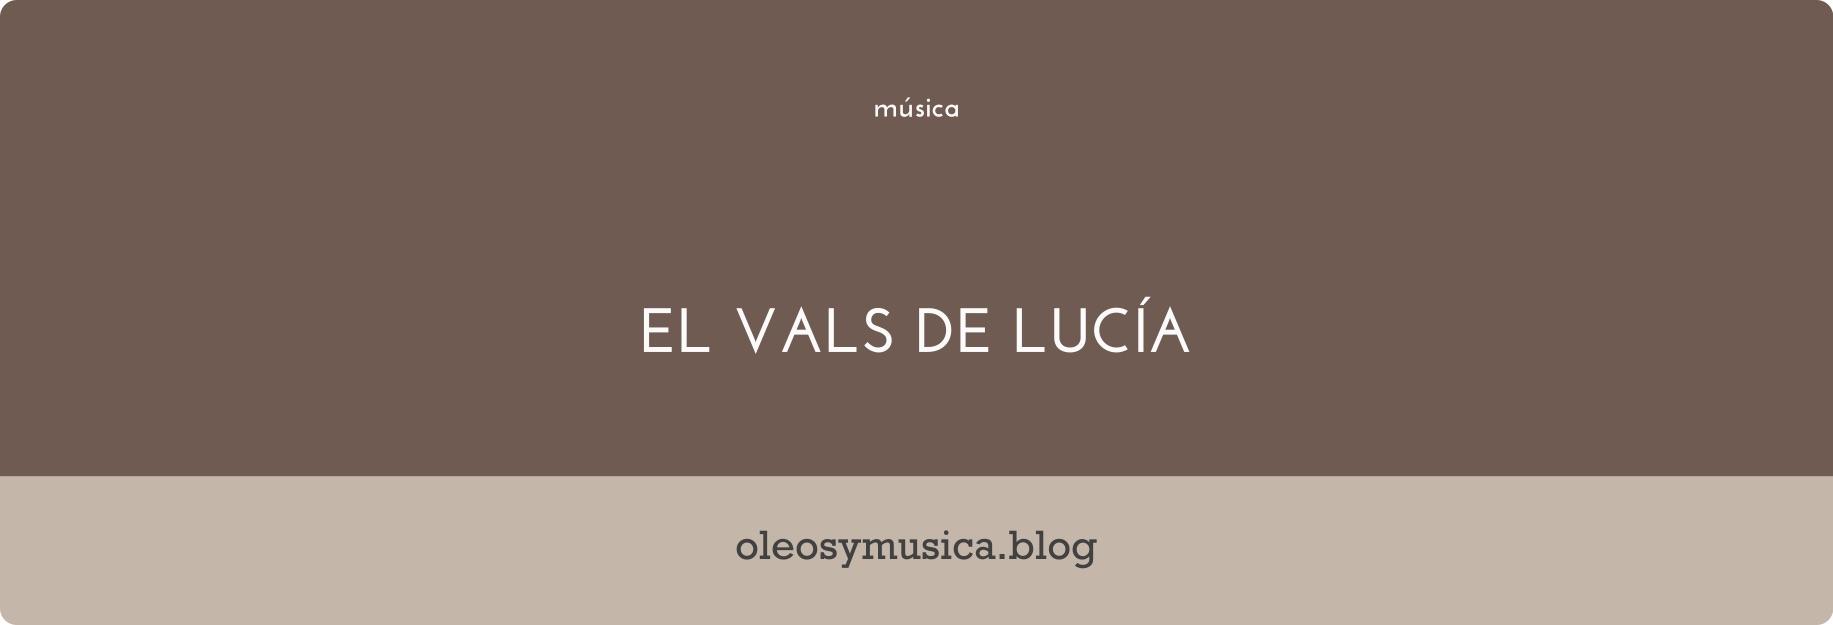 vals de lucia - oleos y musica